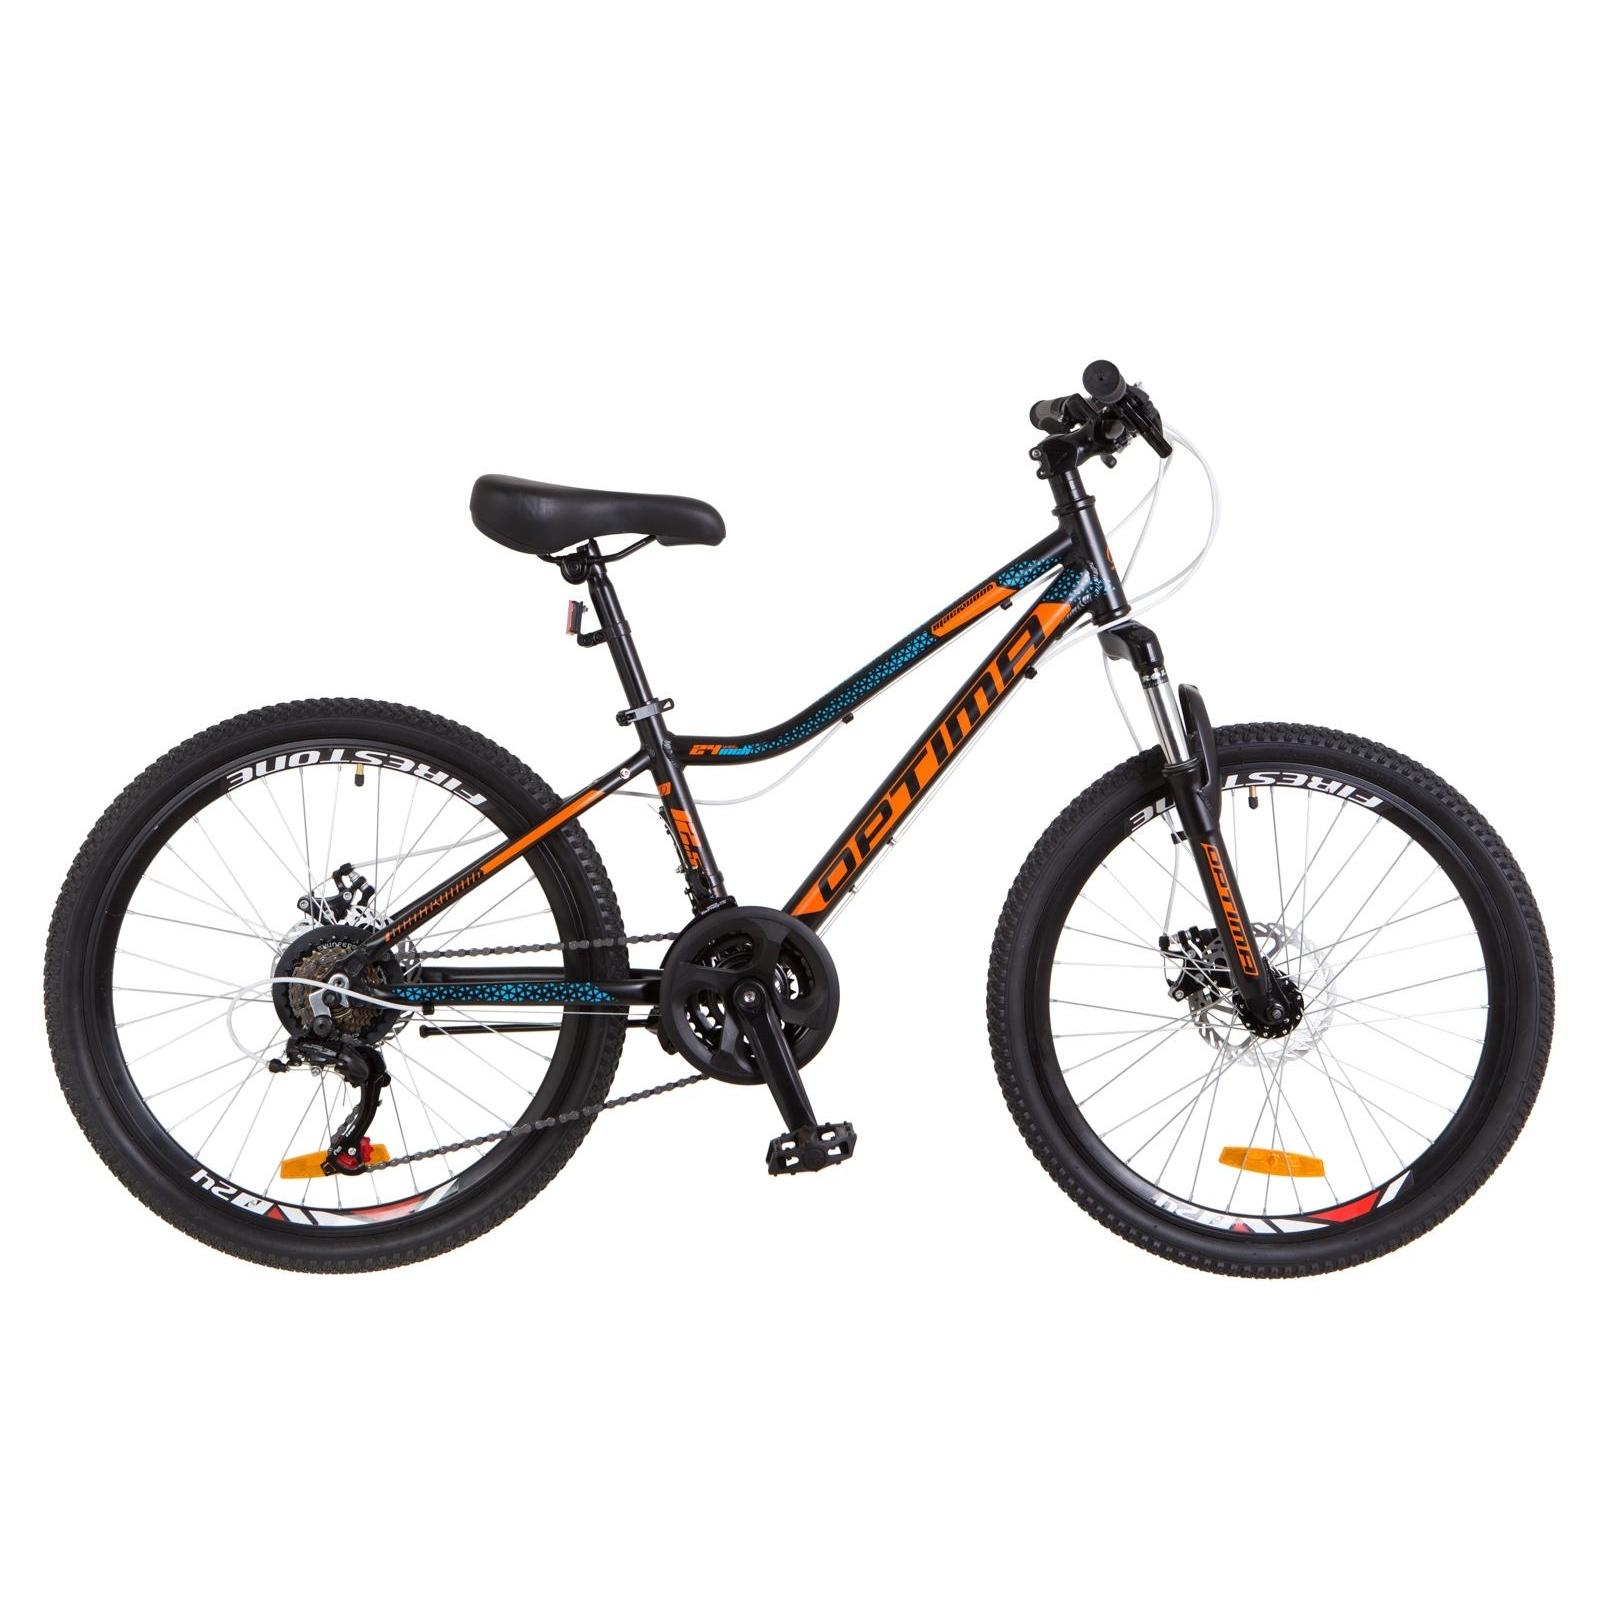 """Велосипед Optimabikes 24"""" BLACKWOOD 2018 14G Vbr рама-12,5"""" Al черно-оранжевый (OPS-OP-24-037)"""